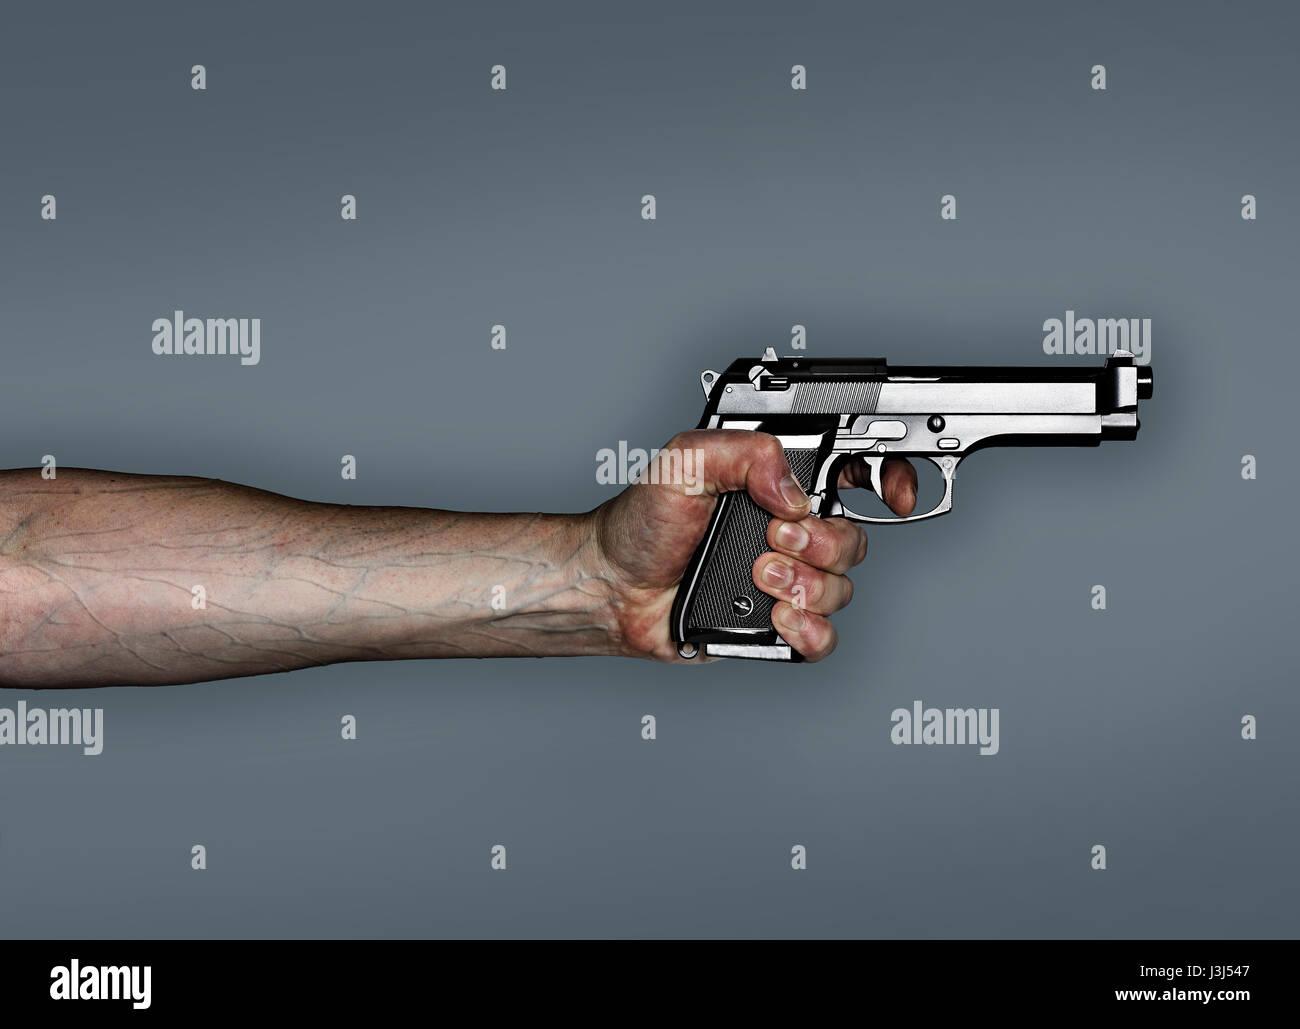 Main tenant fermement la préhension, revolver avec des armes à feu dans les veines gonflées du bras. Photo Stock